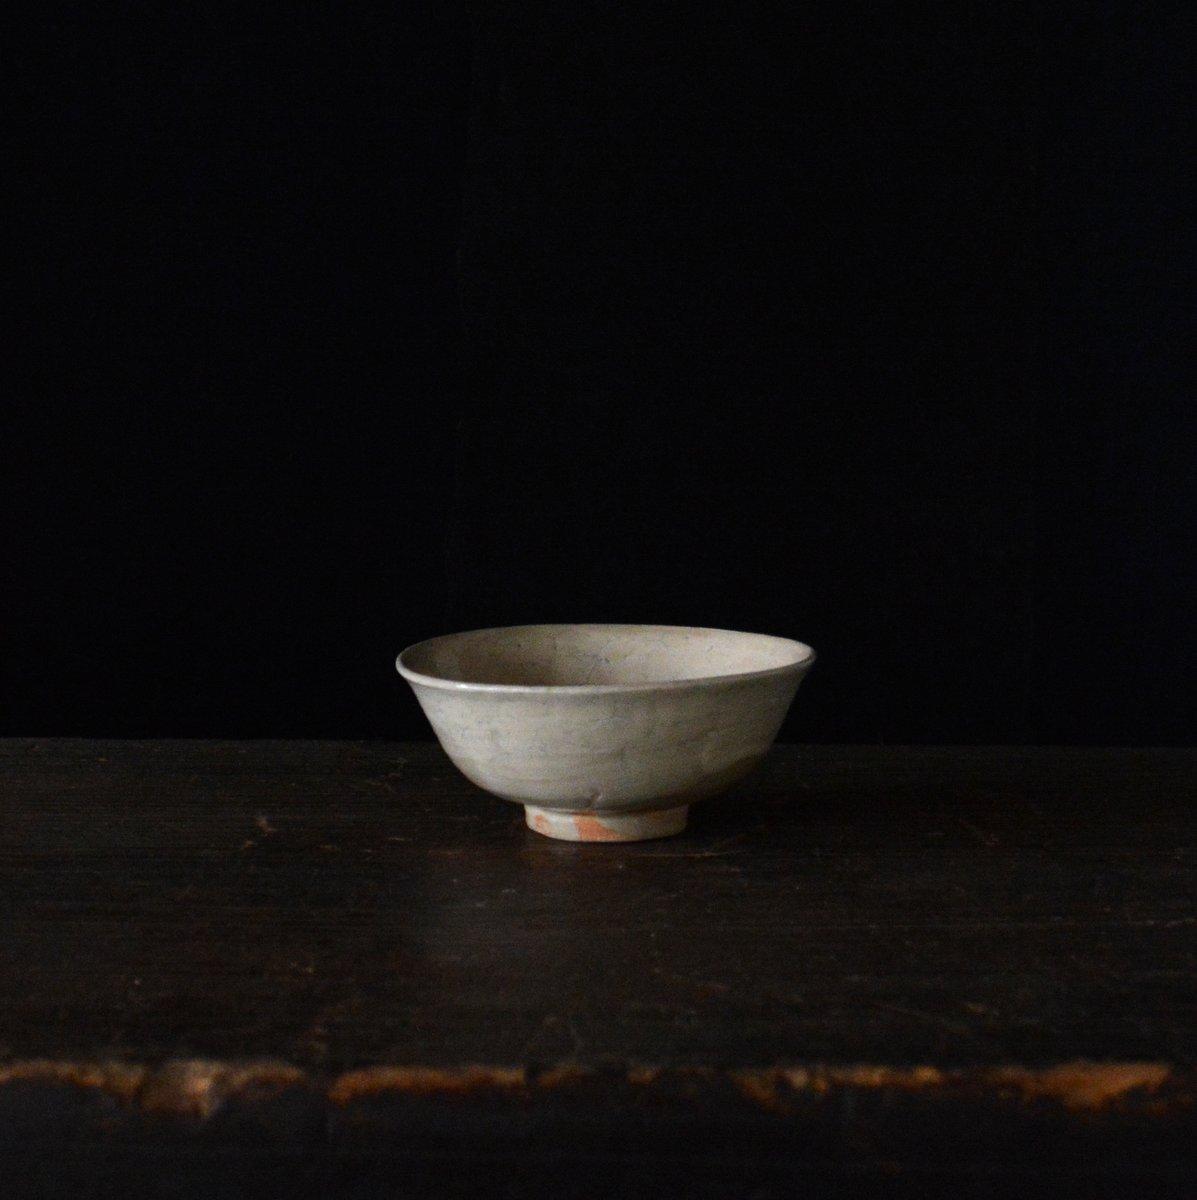 「山本亮平・ゆき 展 白瓷考」 4/7(土)より_d0087761_184976.jpg